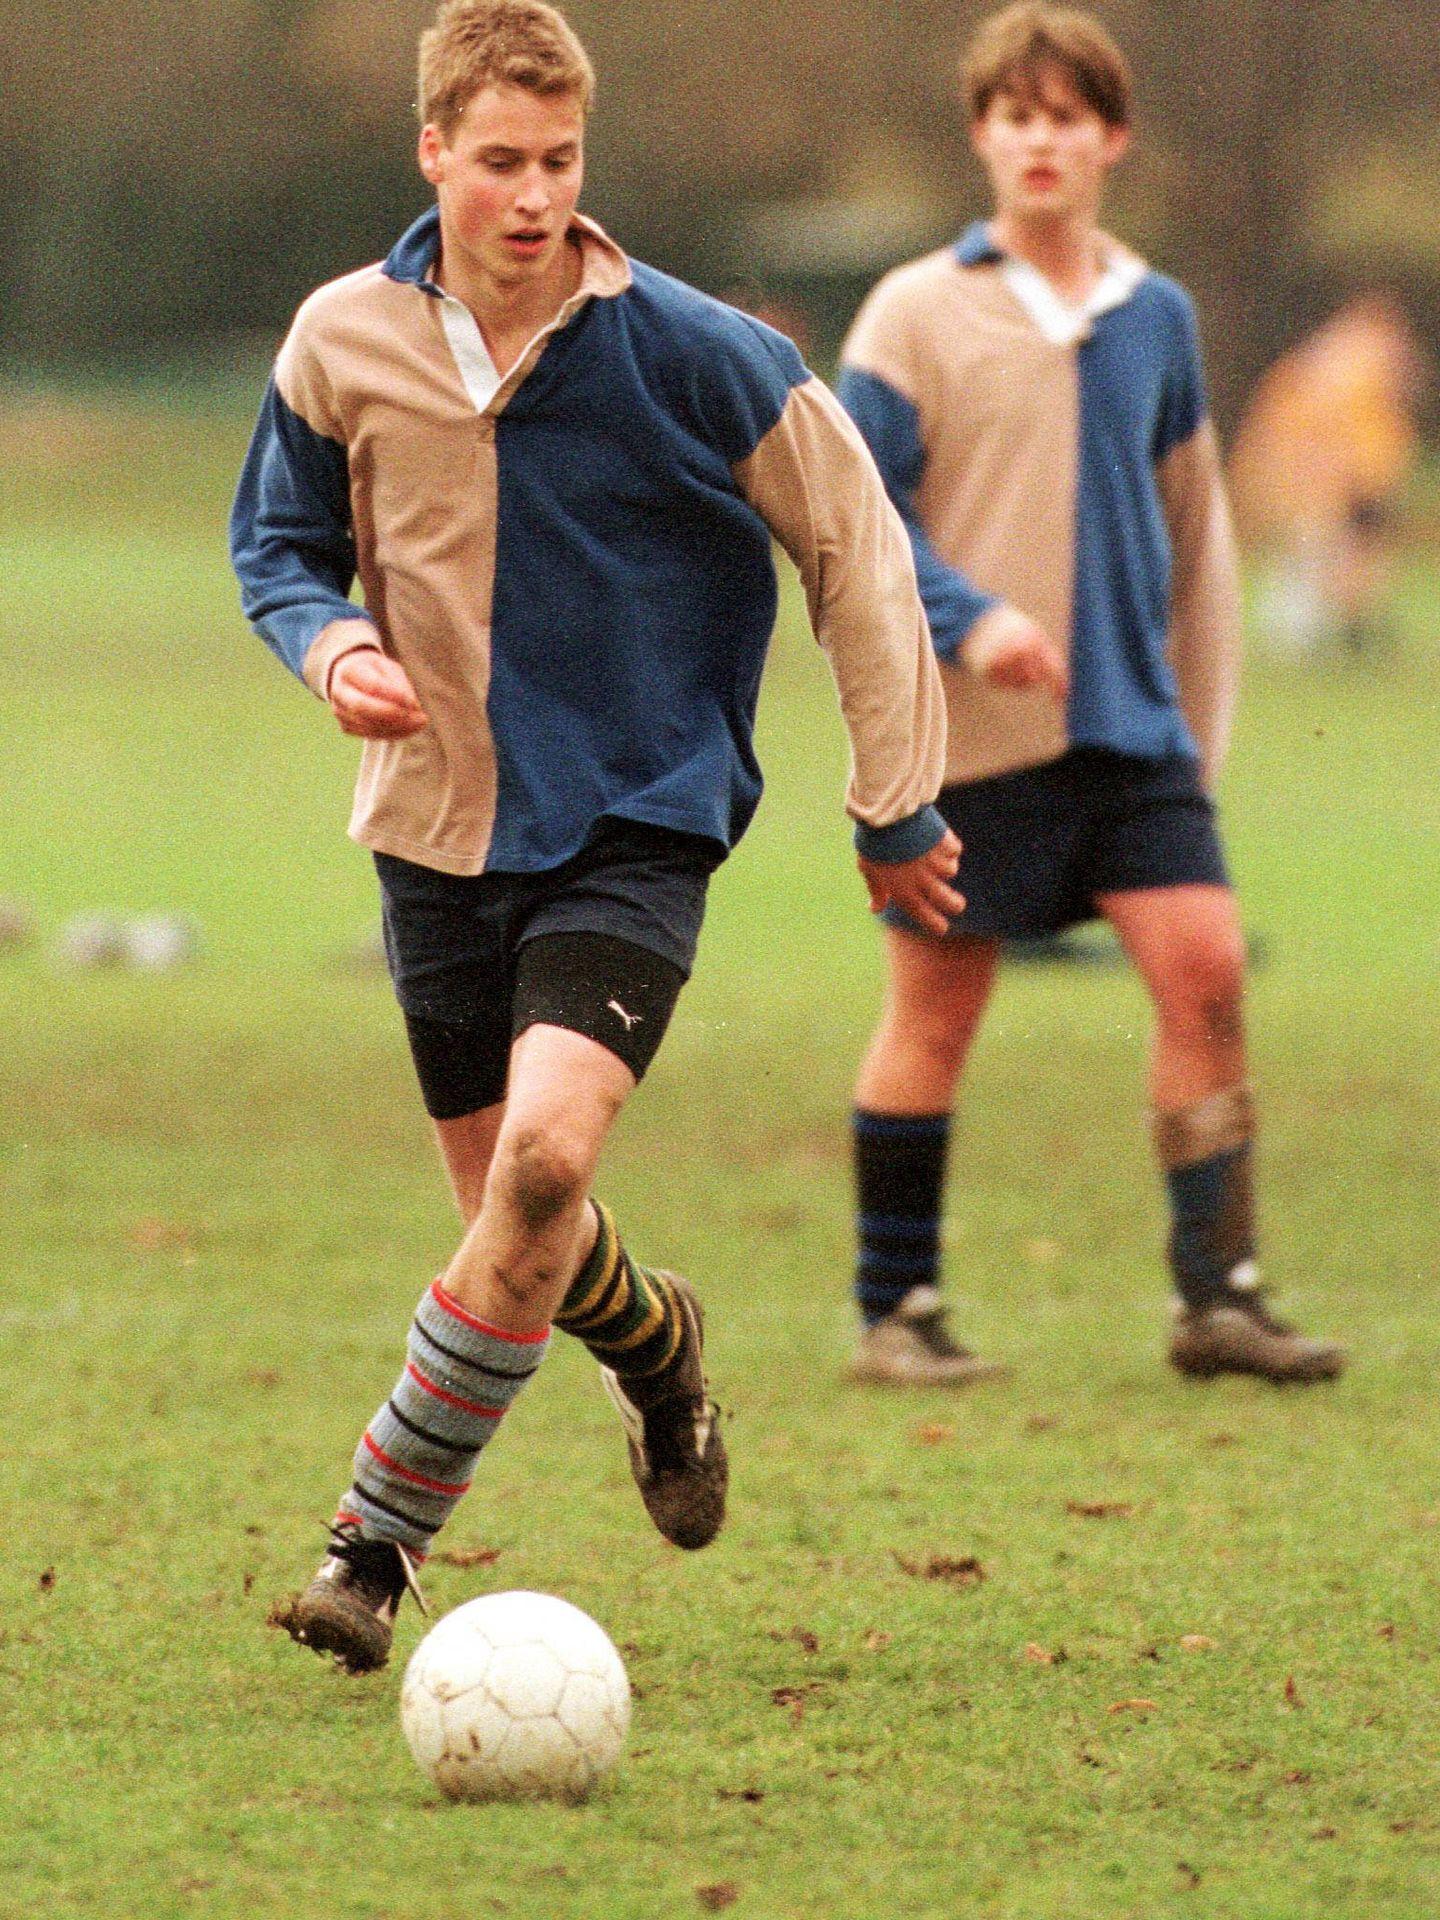 Guillermo, jugando a fútbol en Eton. (Getty)